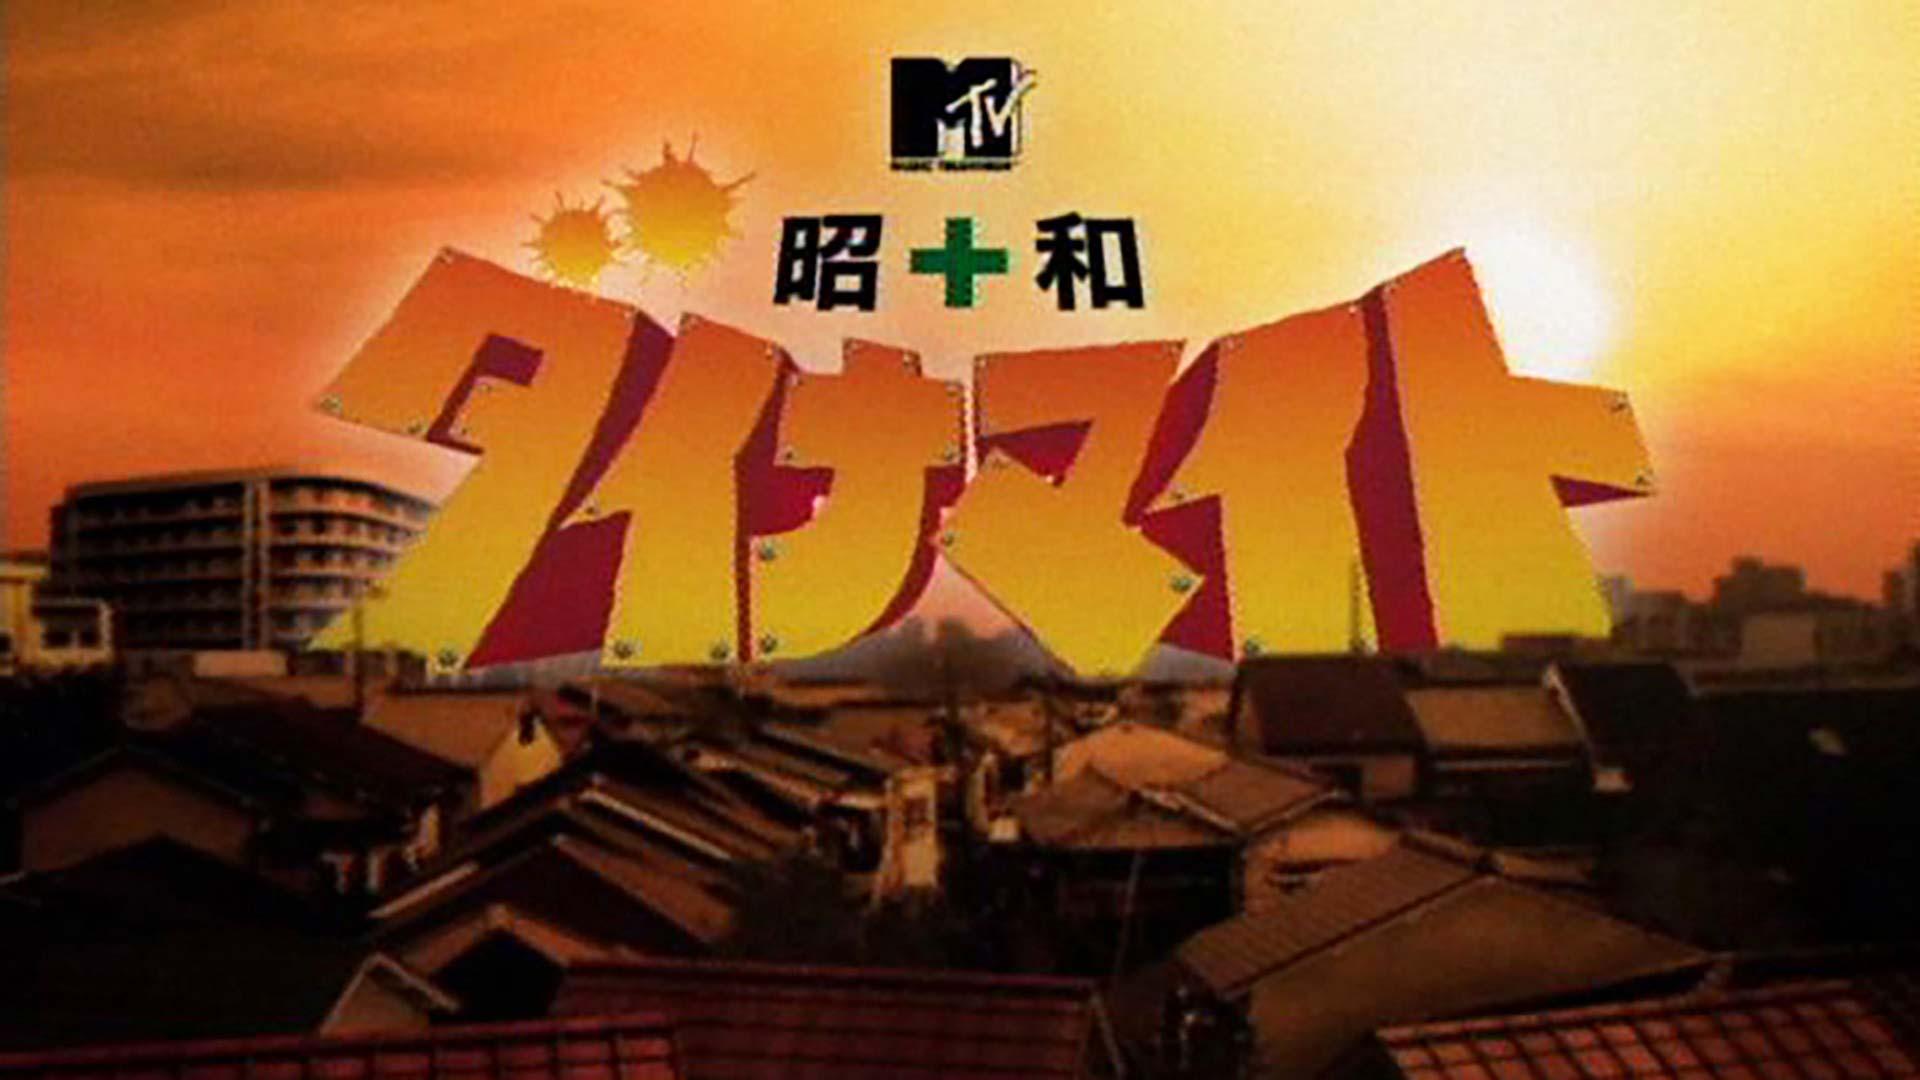 MTV「昭和ダイナマイト」